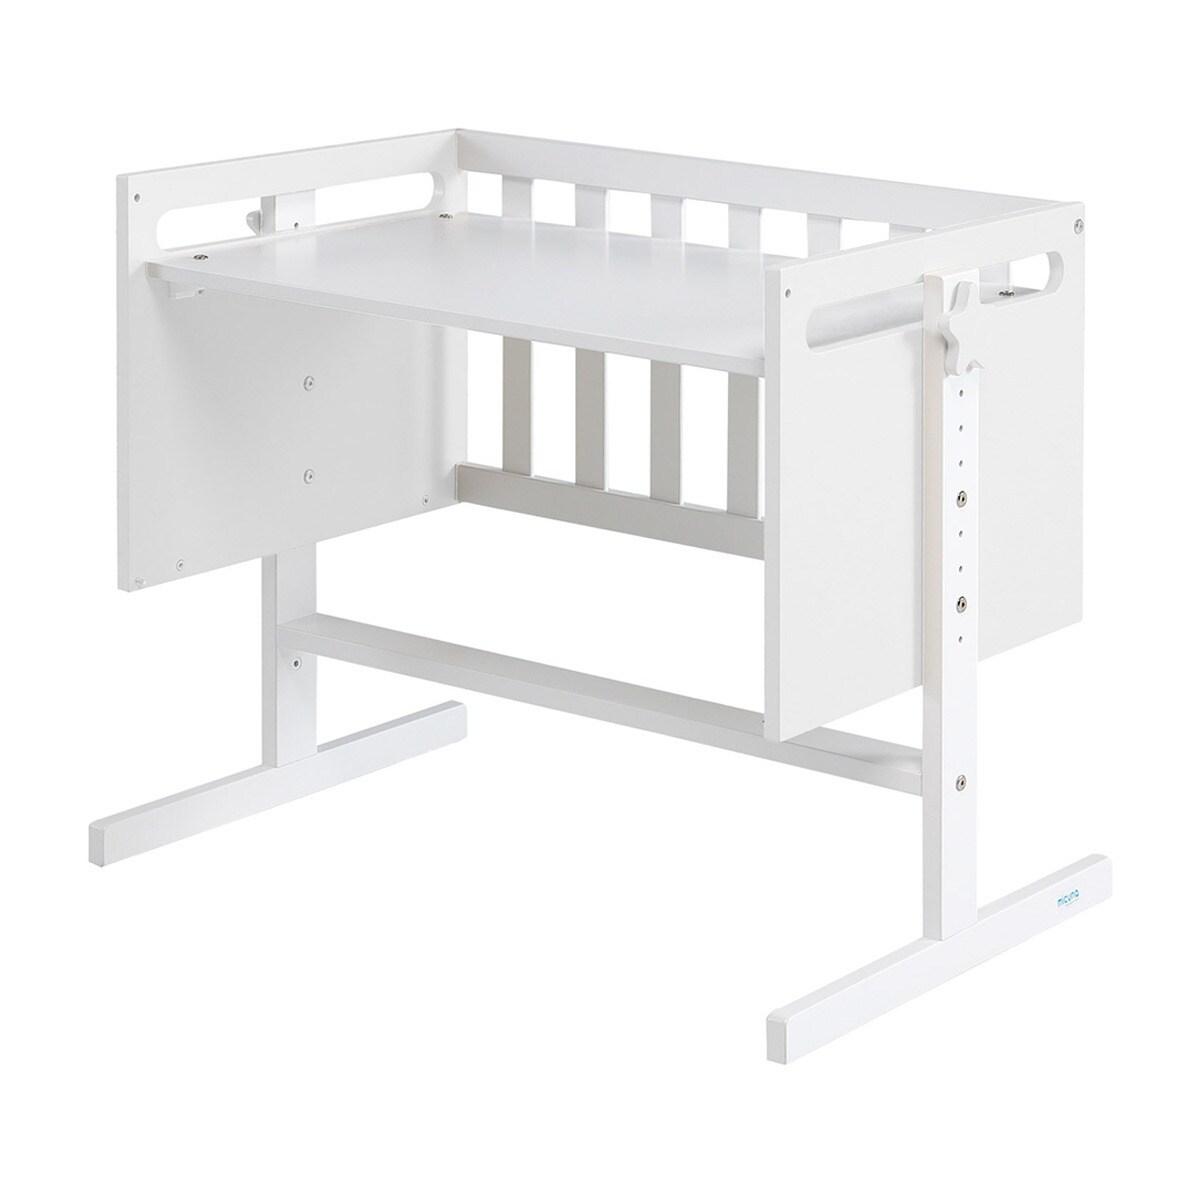 Minicuna convertible en escritorio, juguetero o sofá, según la necesidad del niño en su crecimiento.